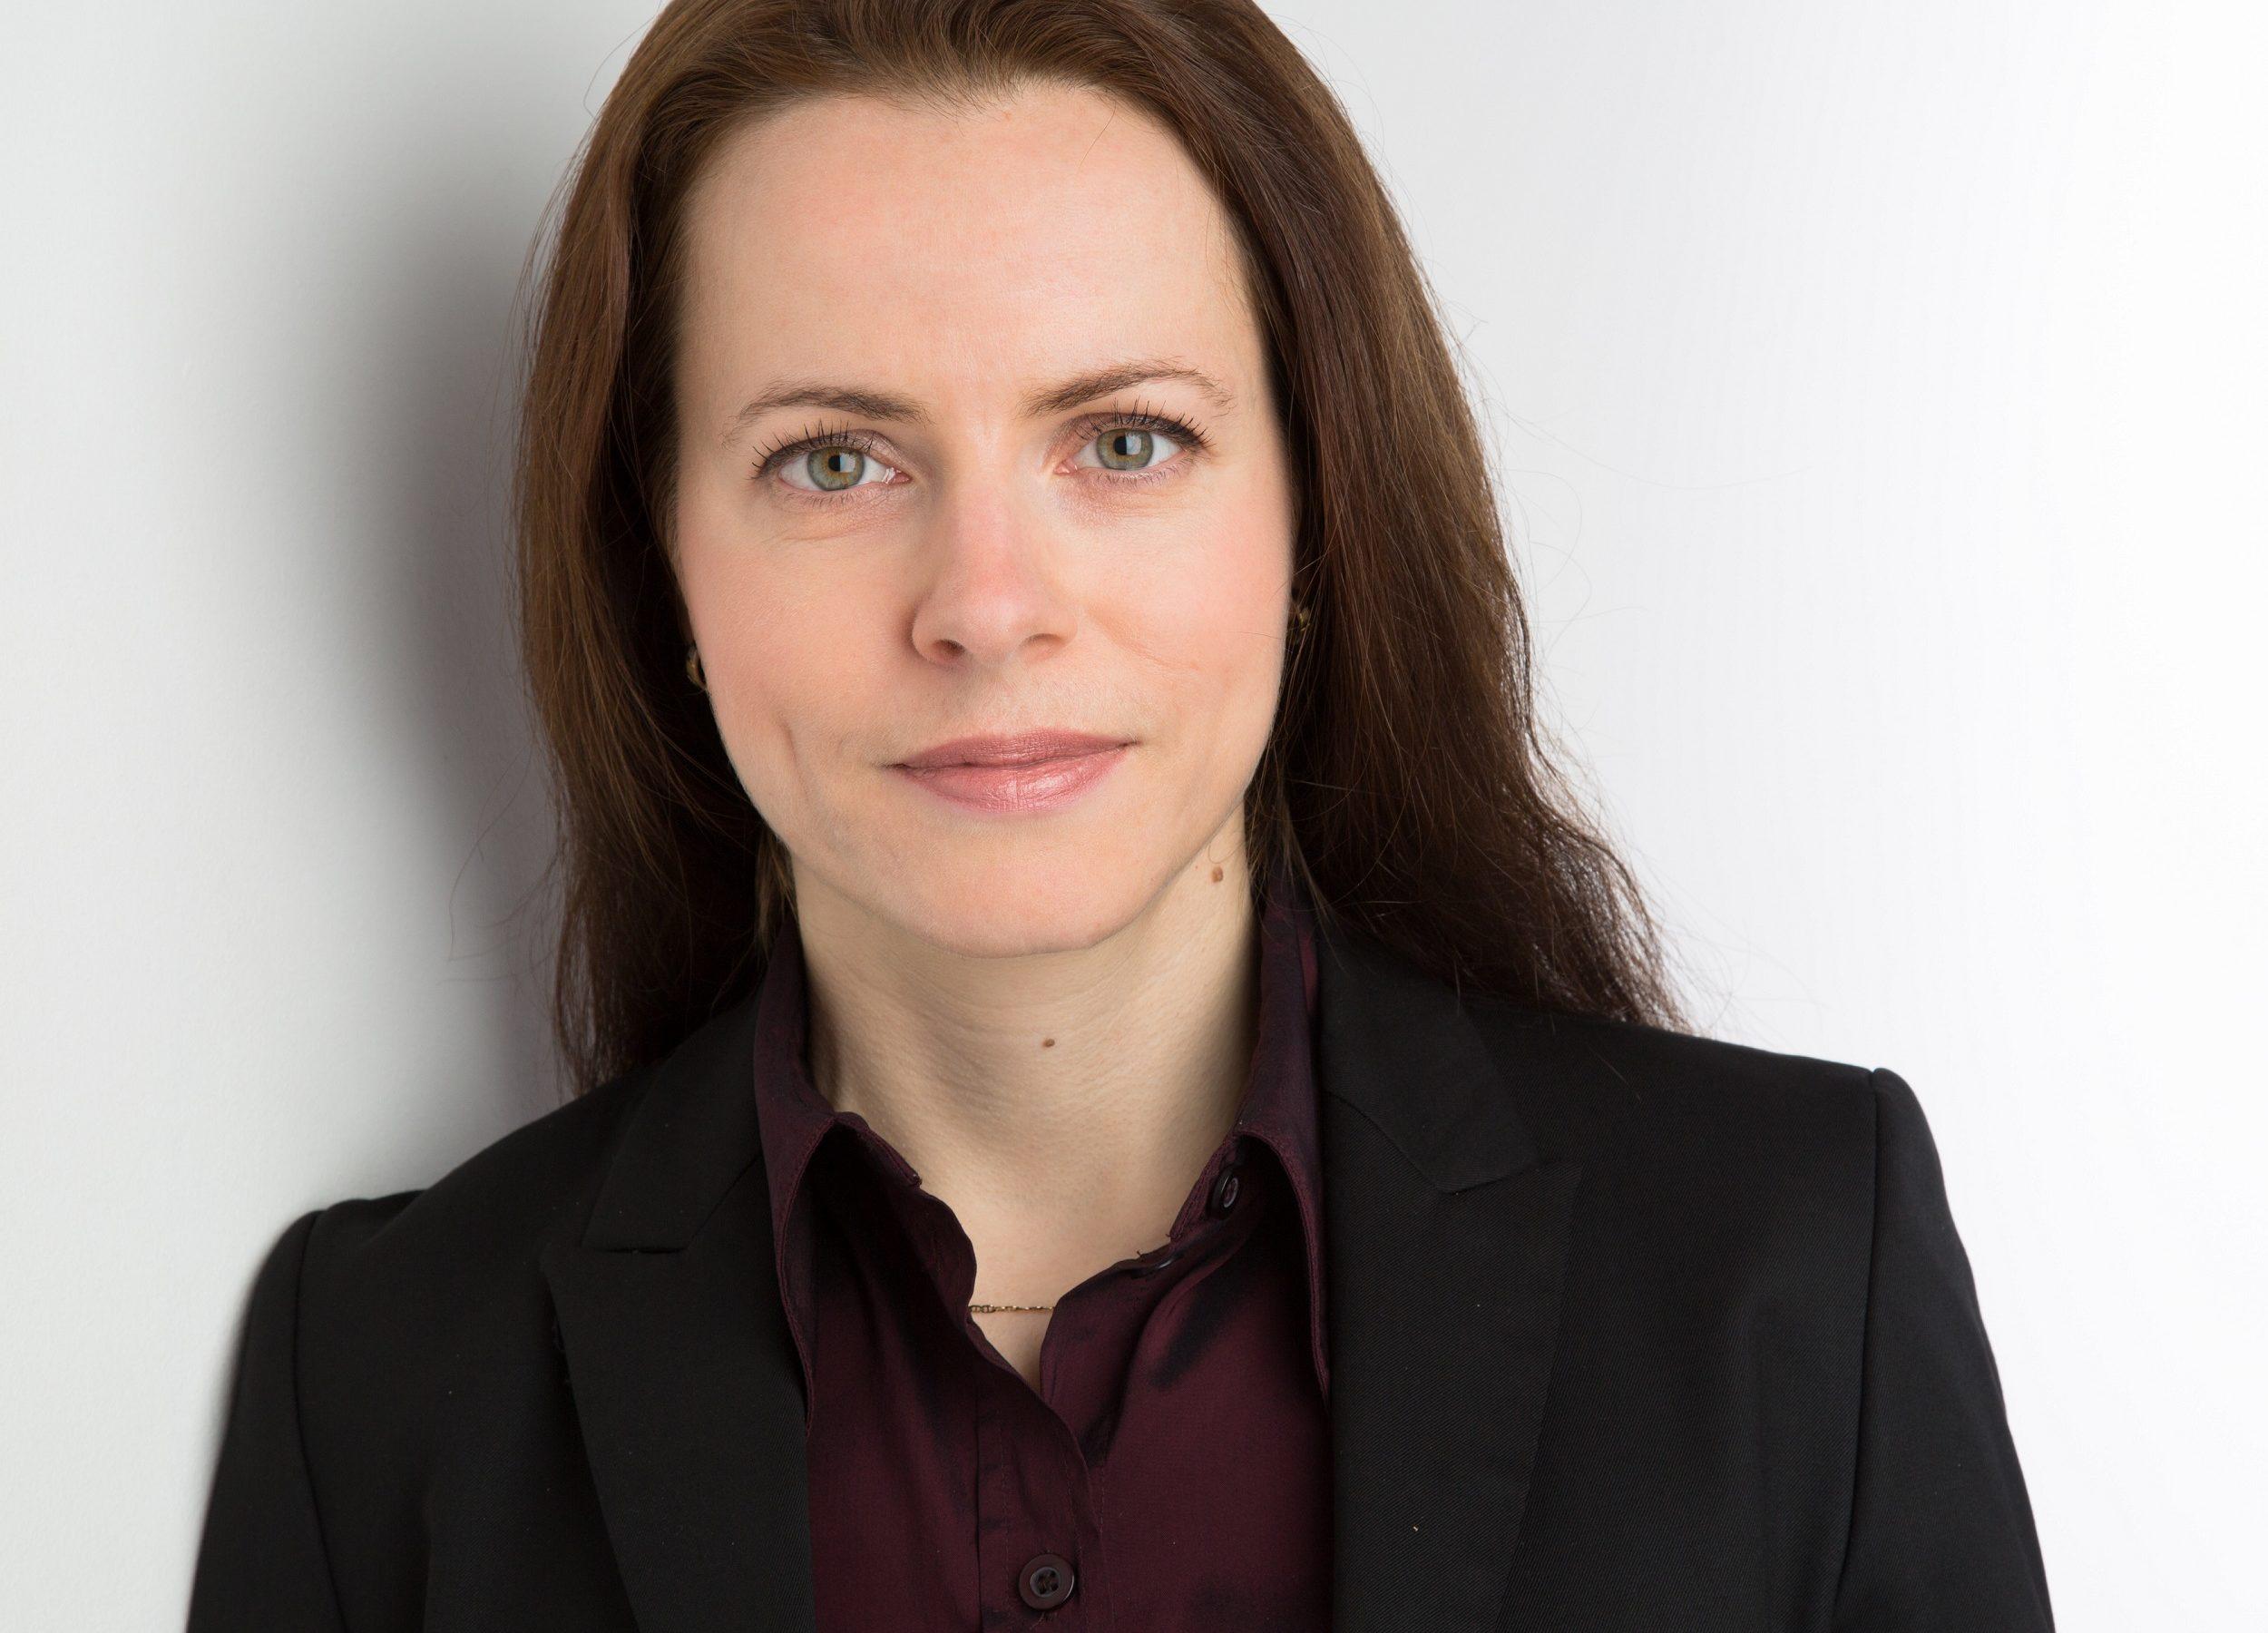 Foto im Profil von Dr. Jana Moser